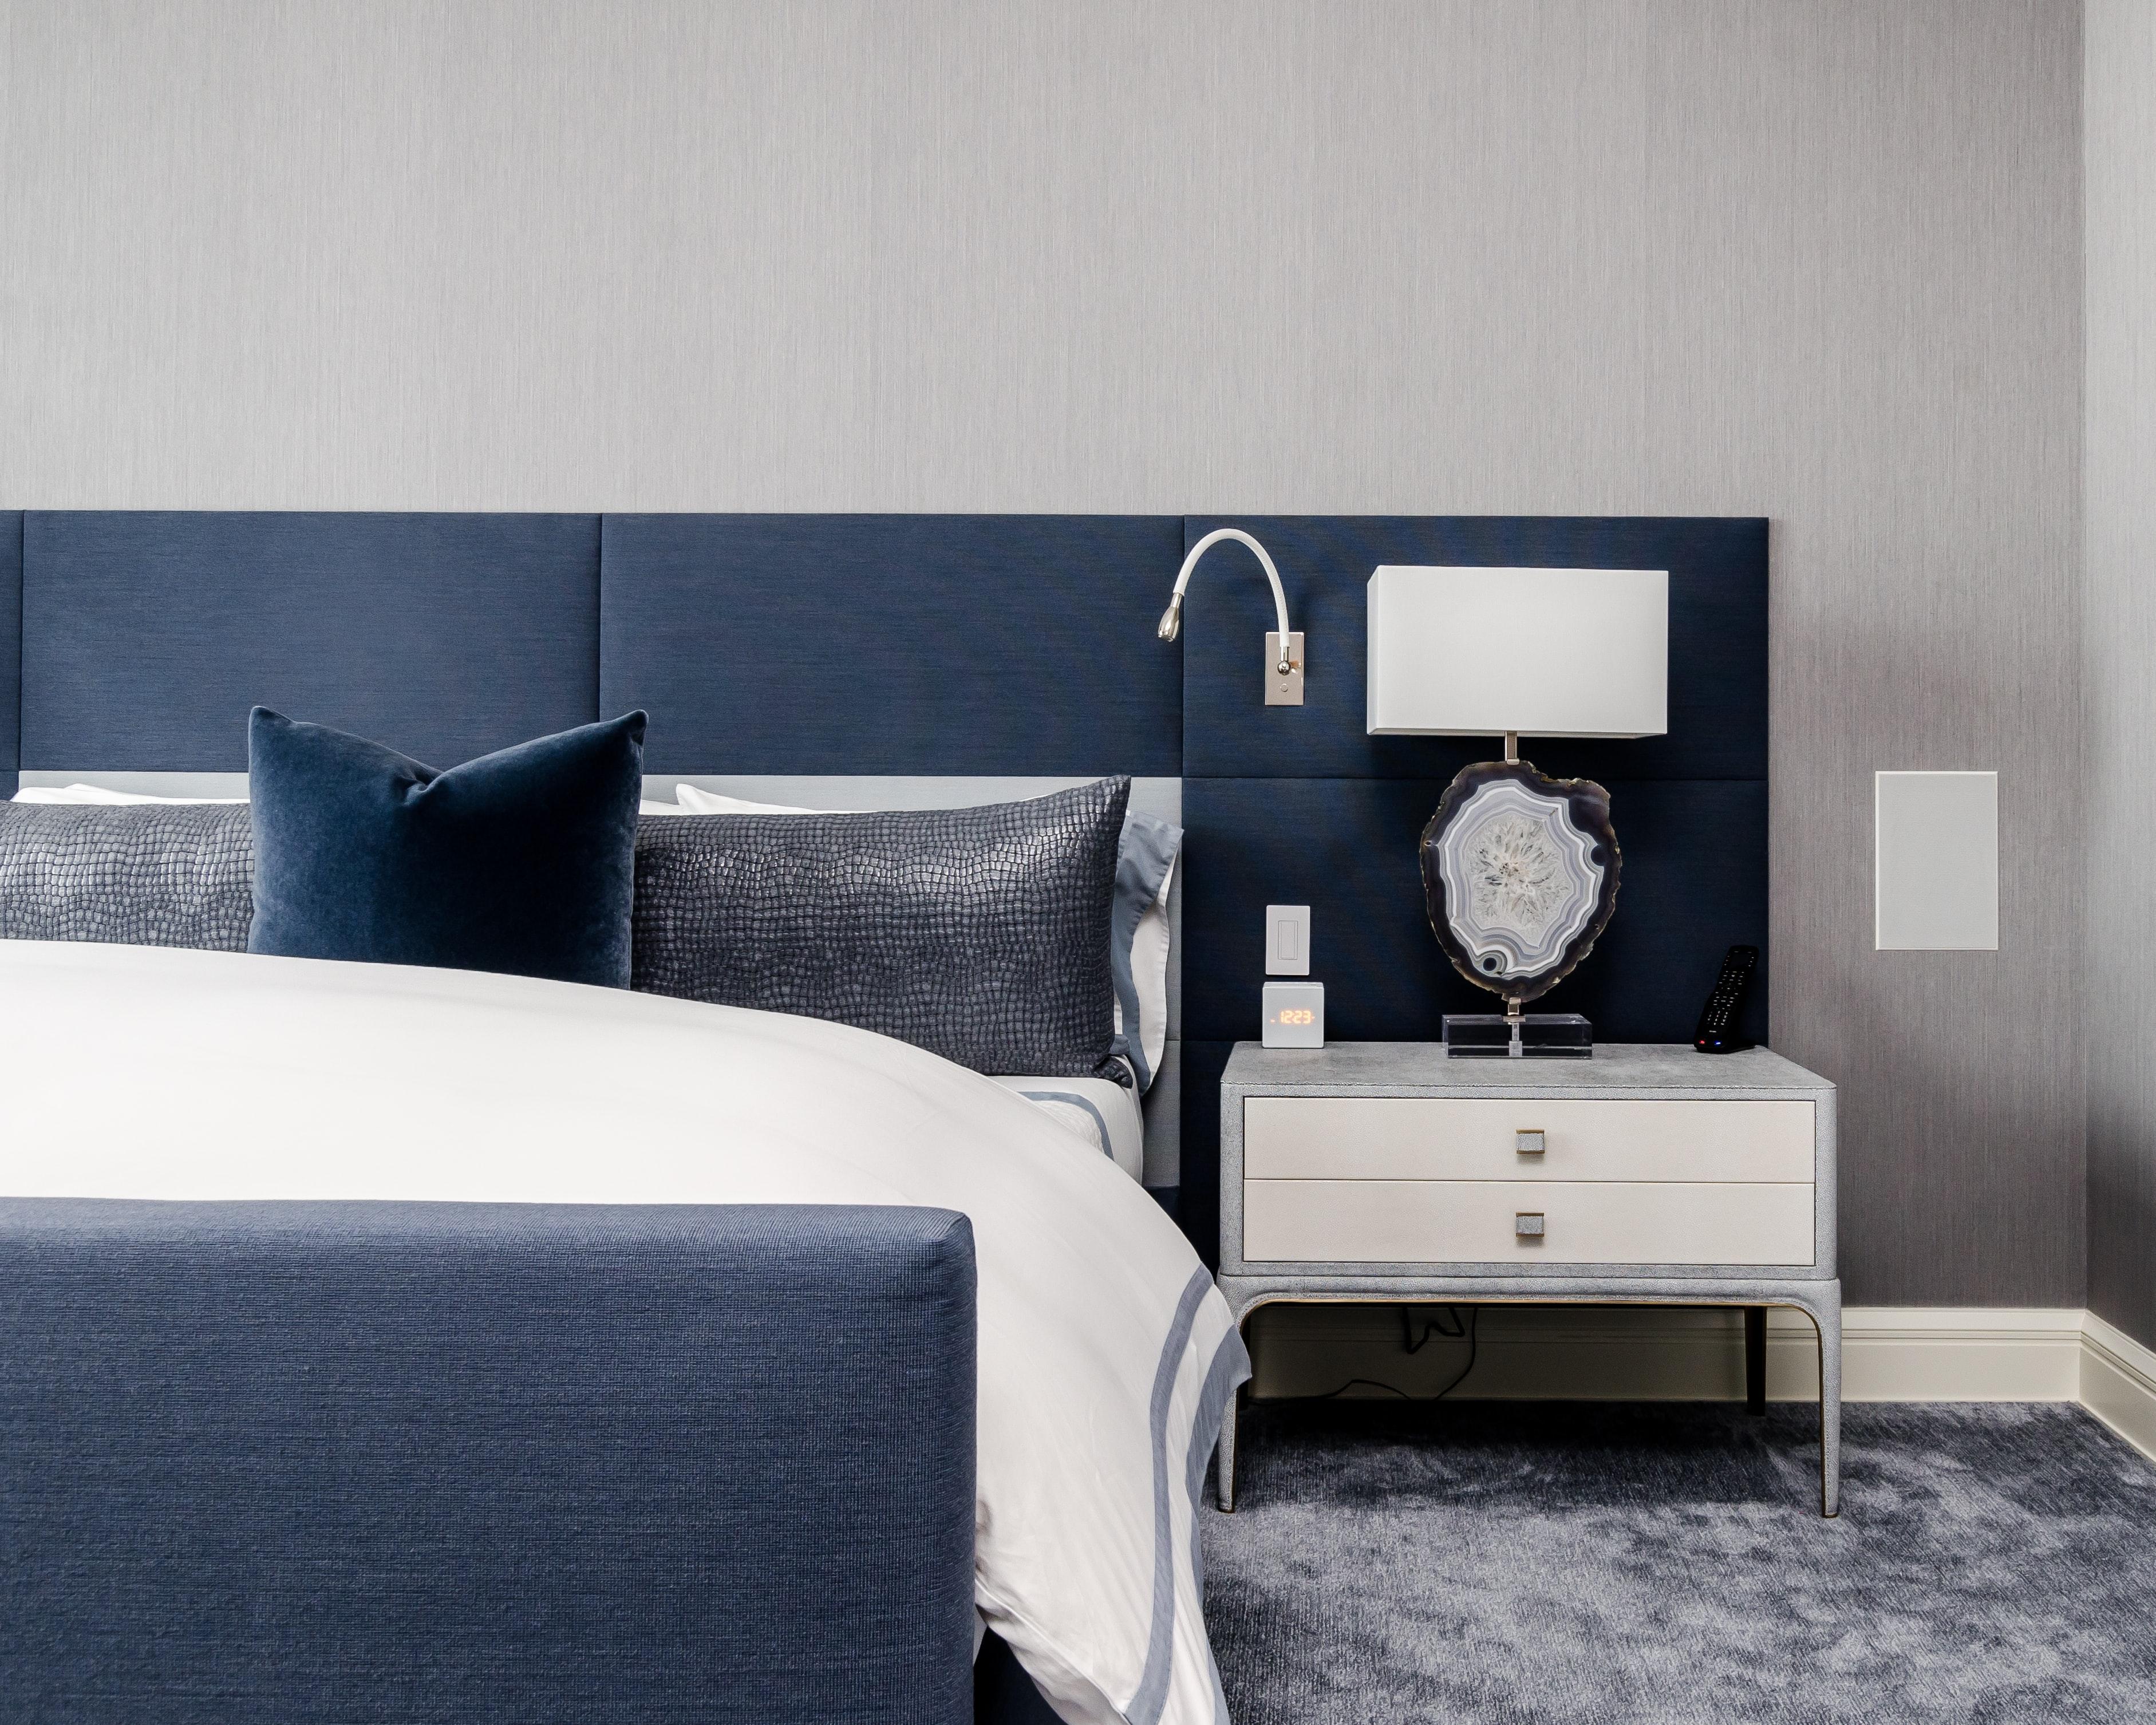 Guest Suite Image